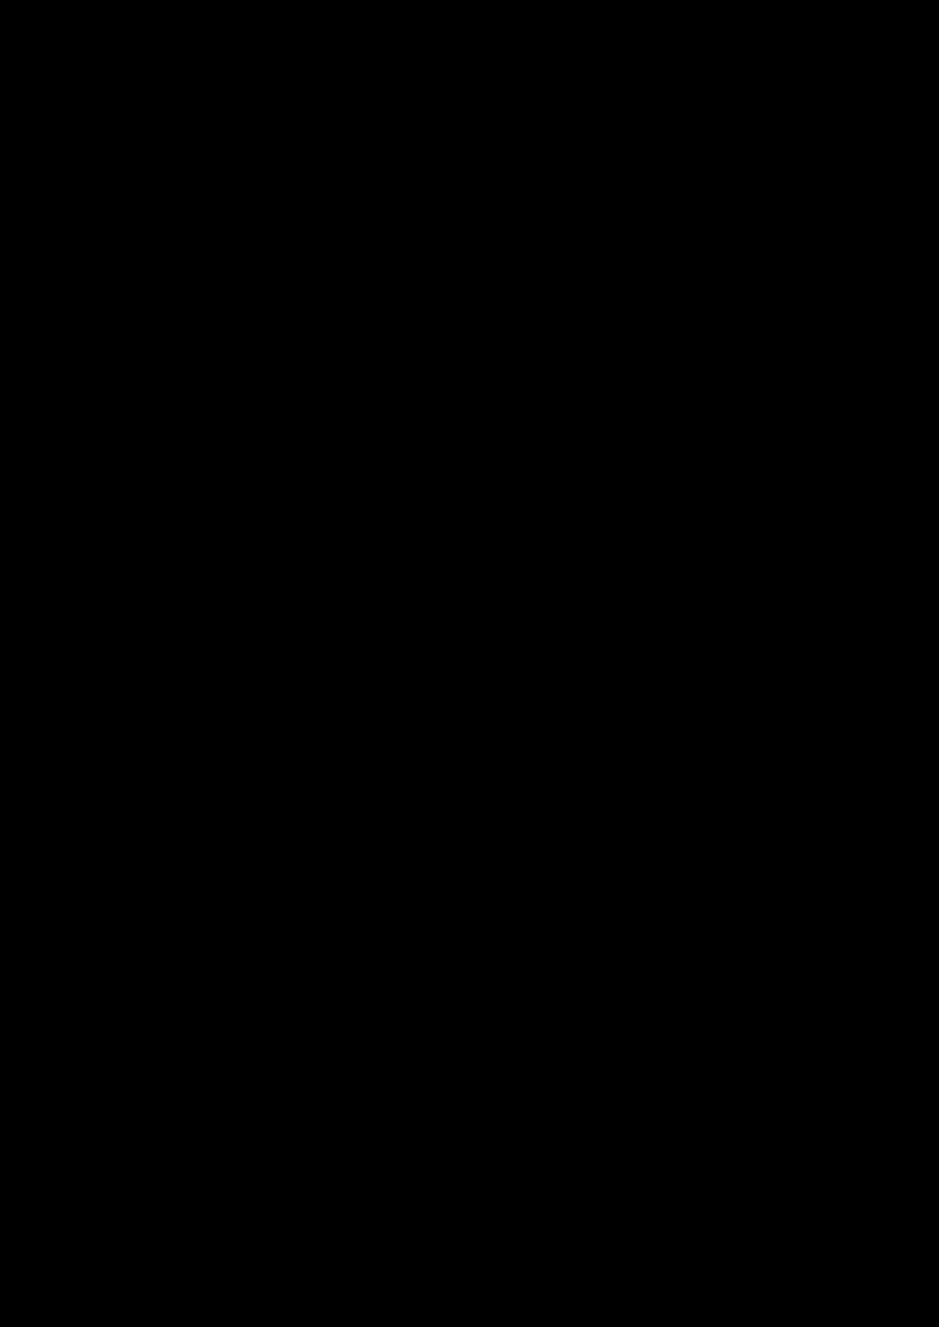 inaugurazione-doppler-imperia